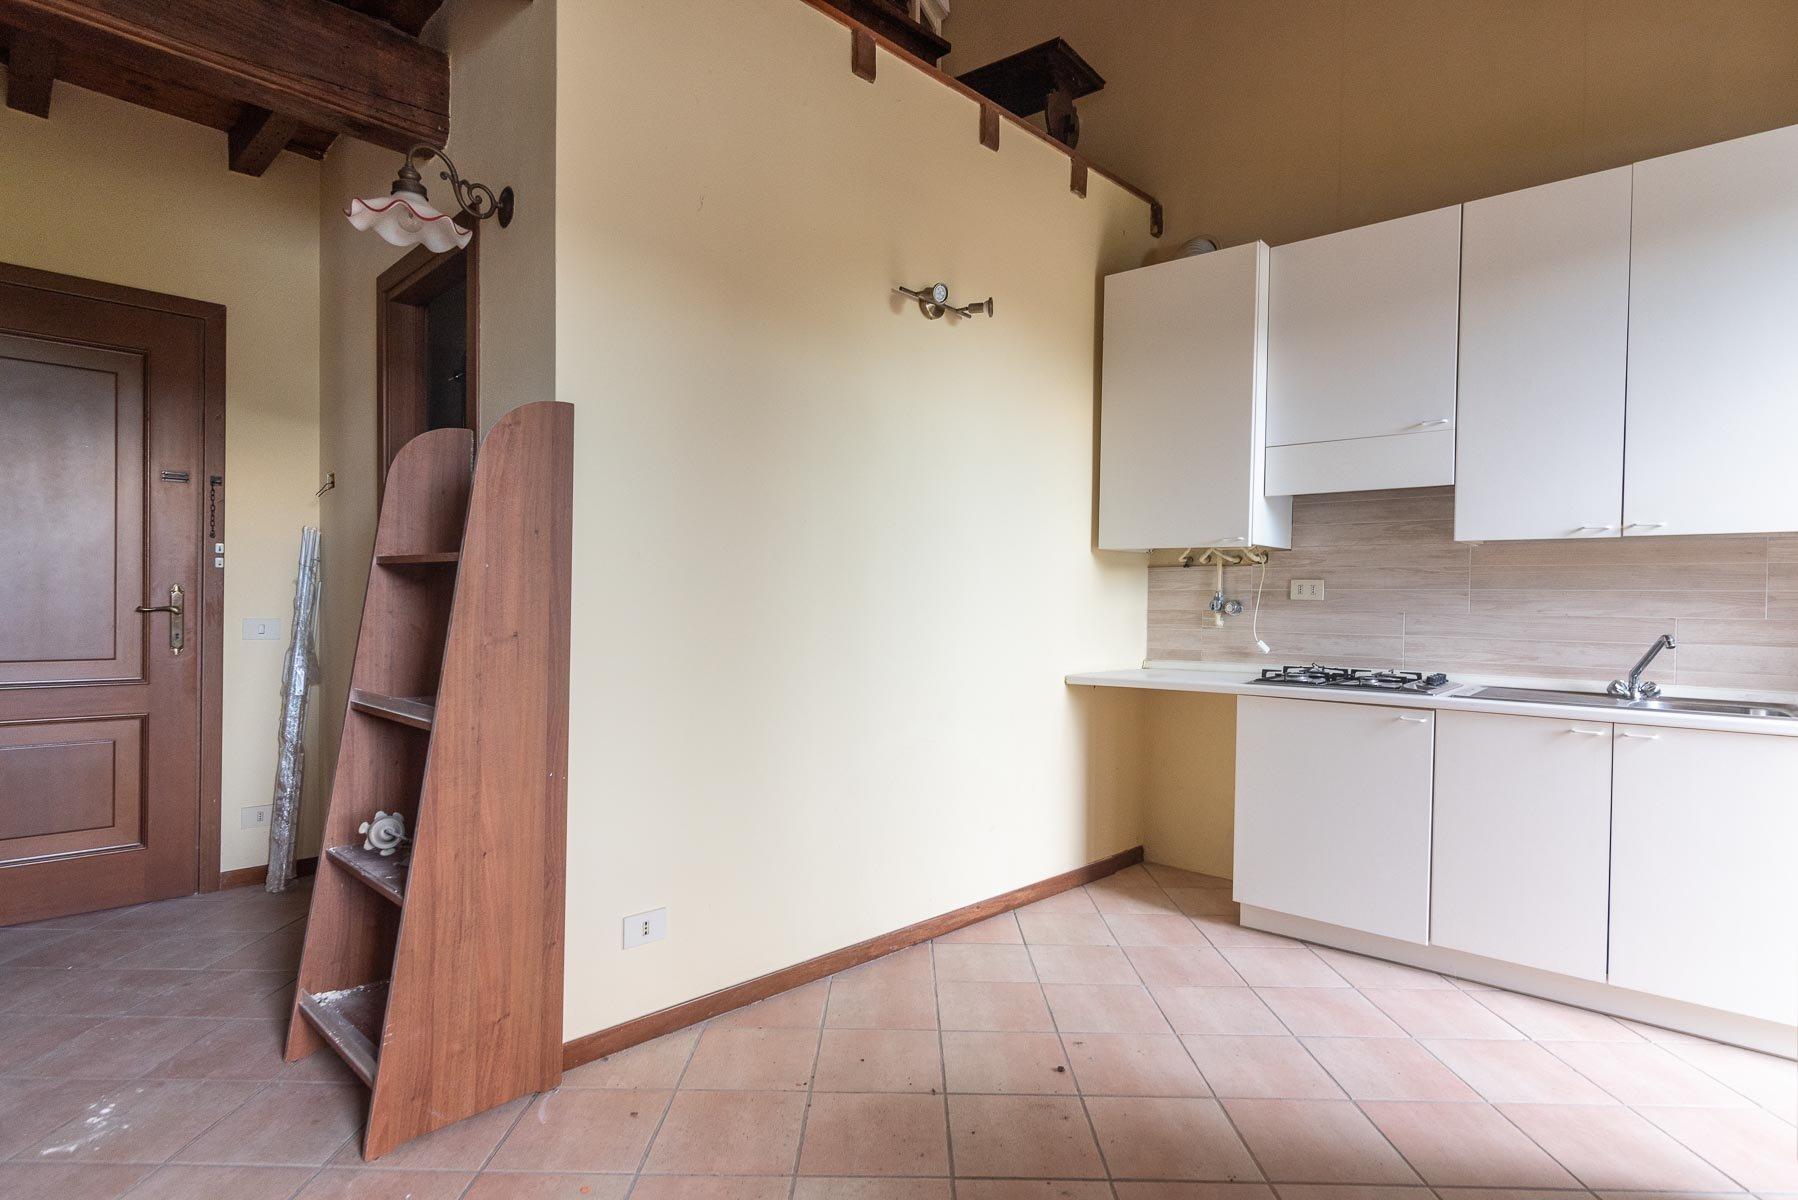 Apartment for sale in Pescatori Island, Stresa - kitchen